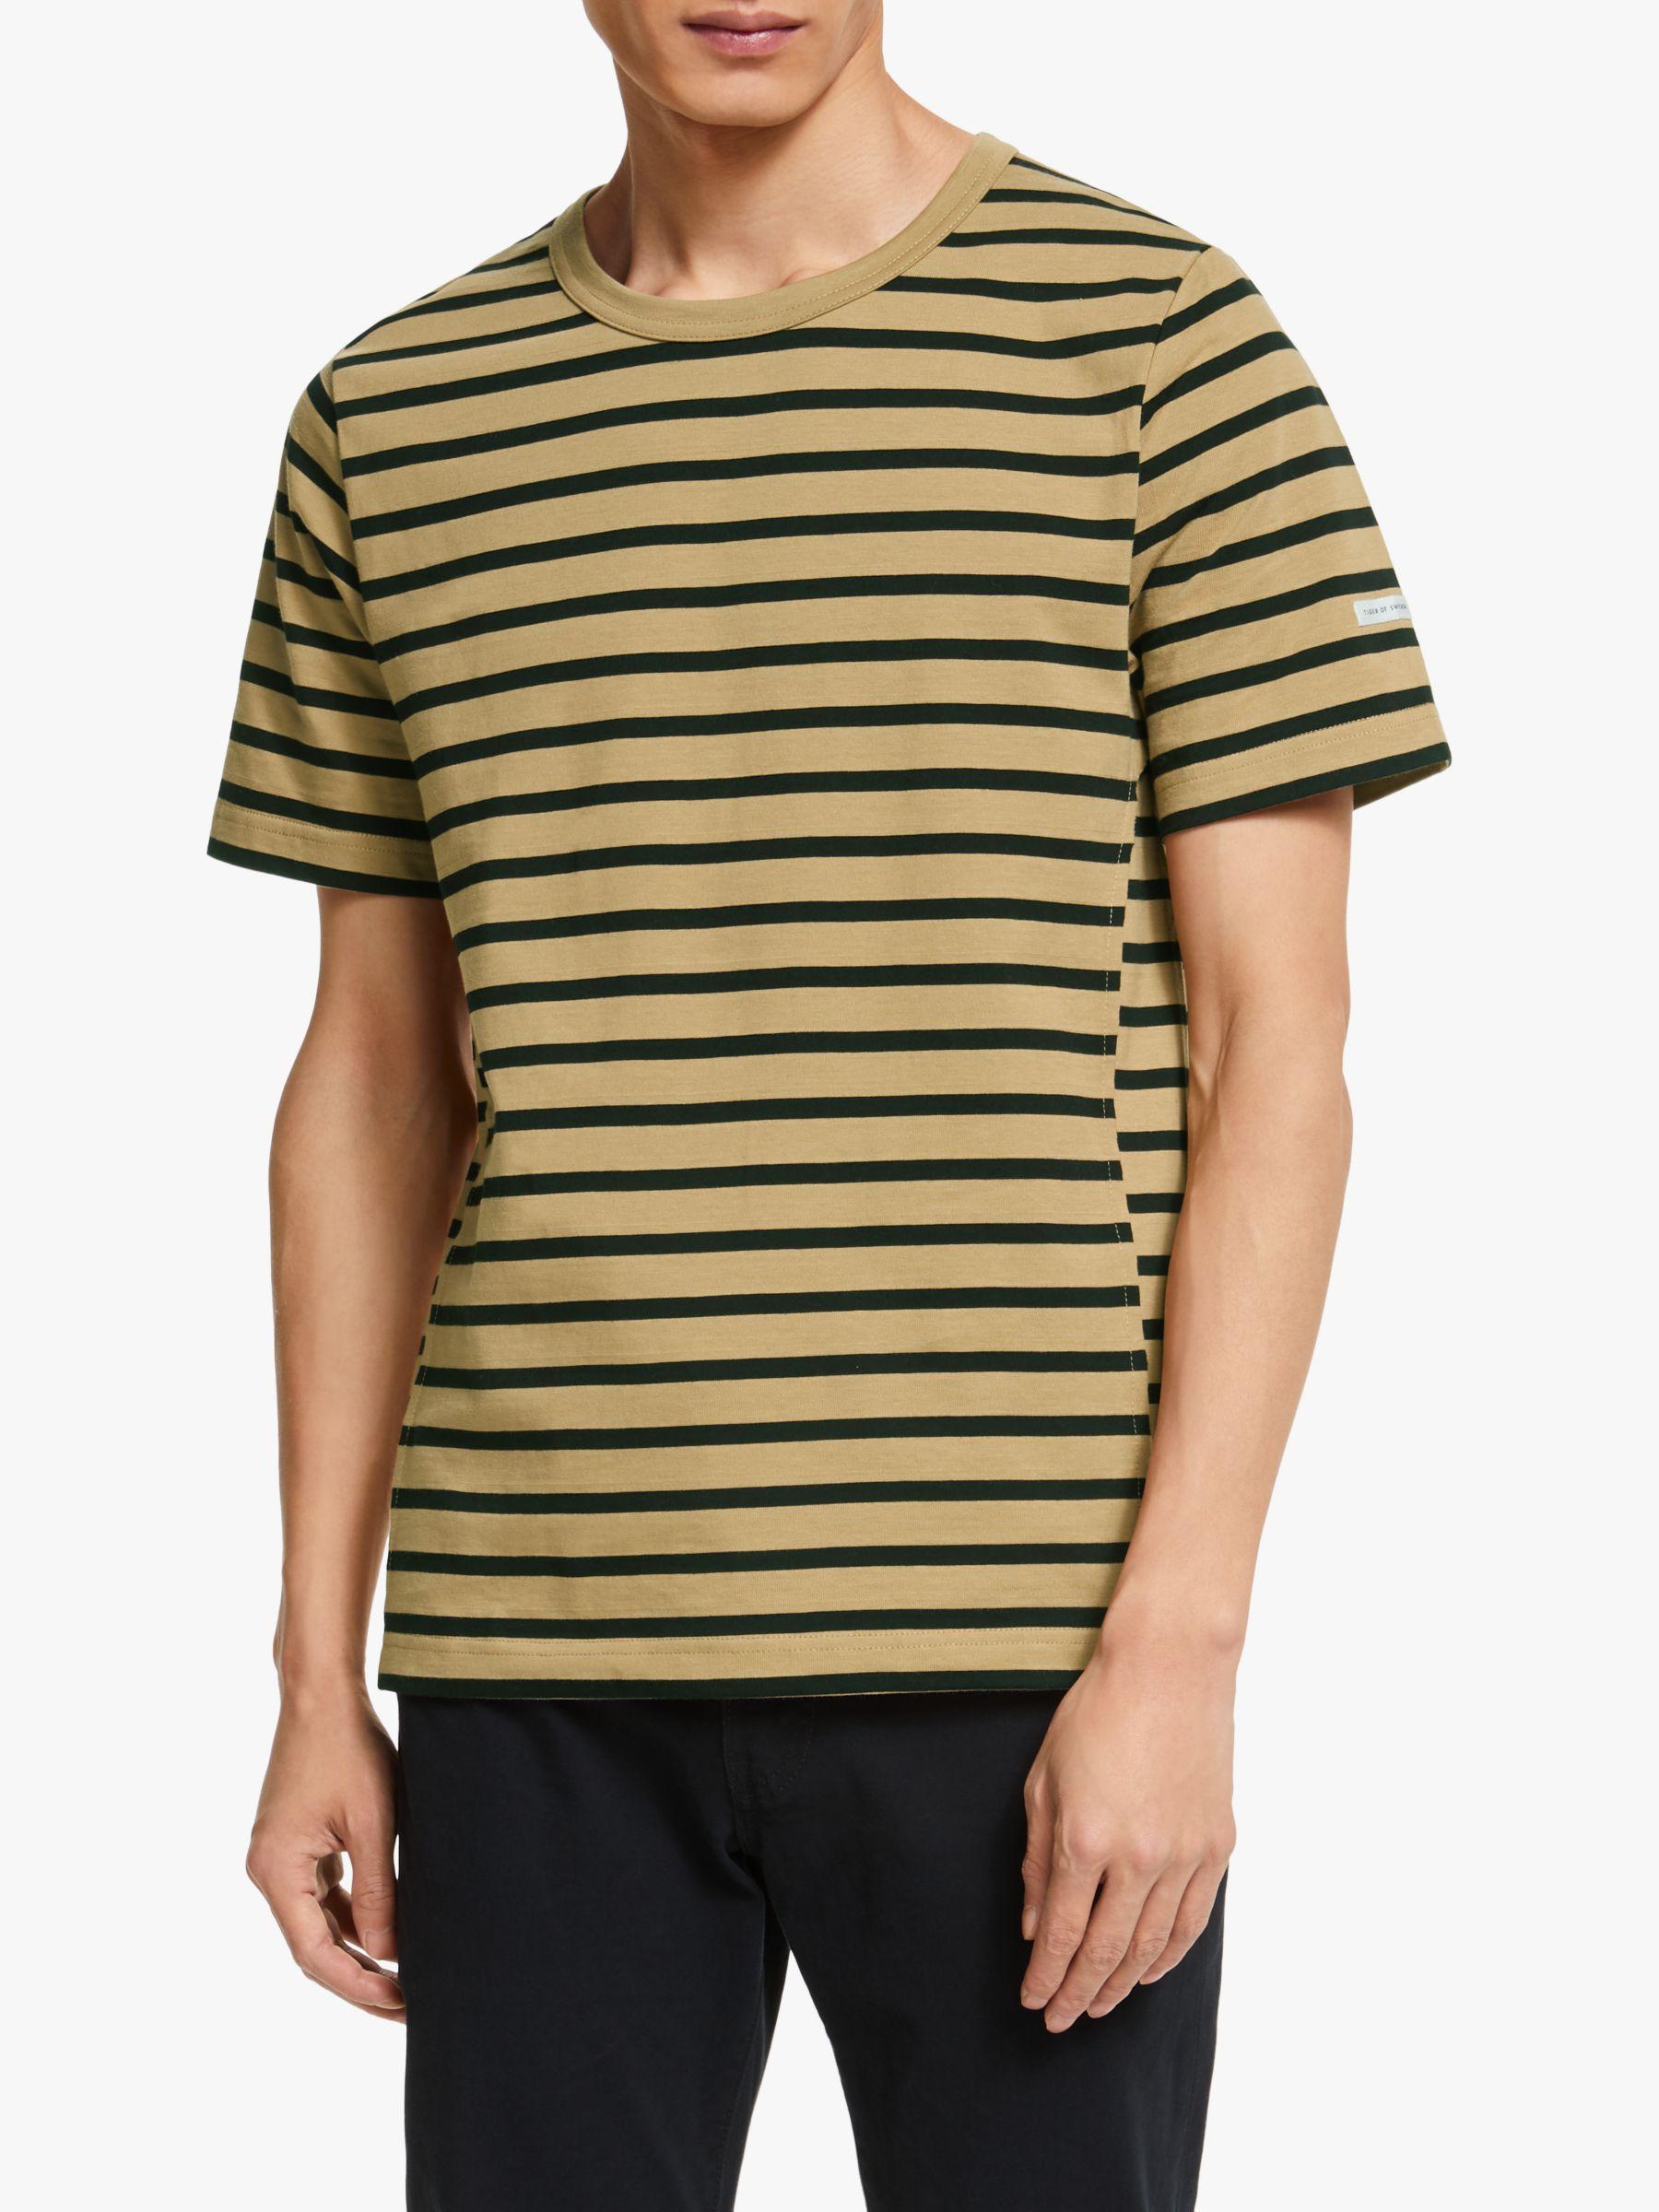 Tiger of Sweden Tiger of Sweden Trygg Short Sleeve T-Shirt, Neutral